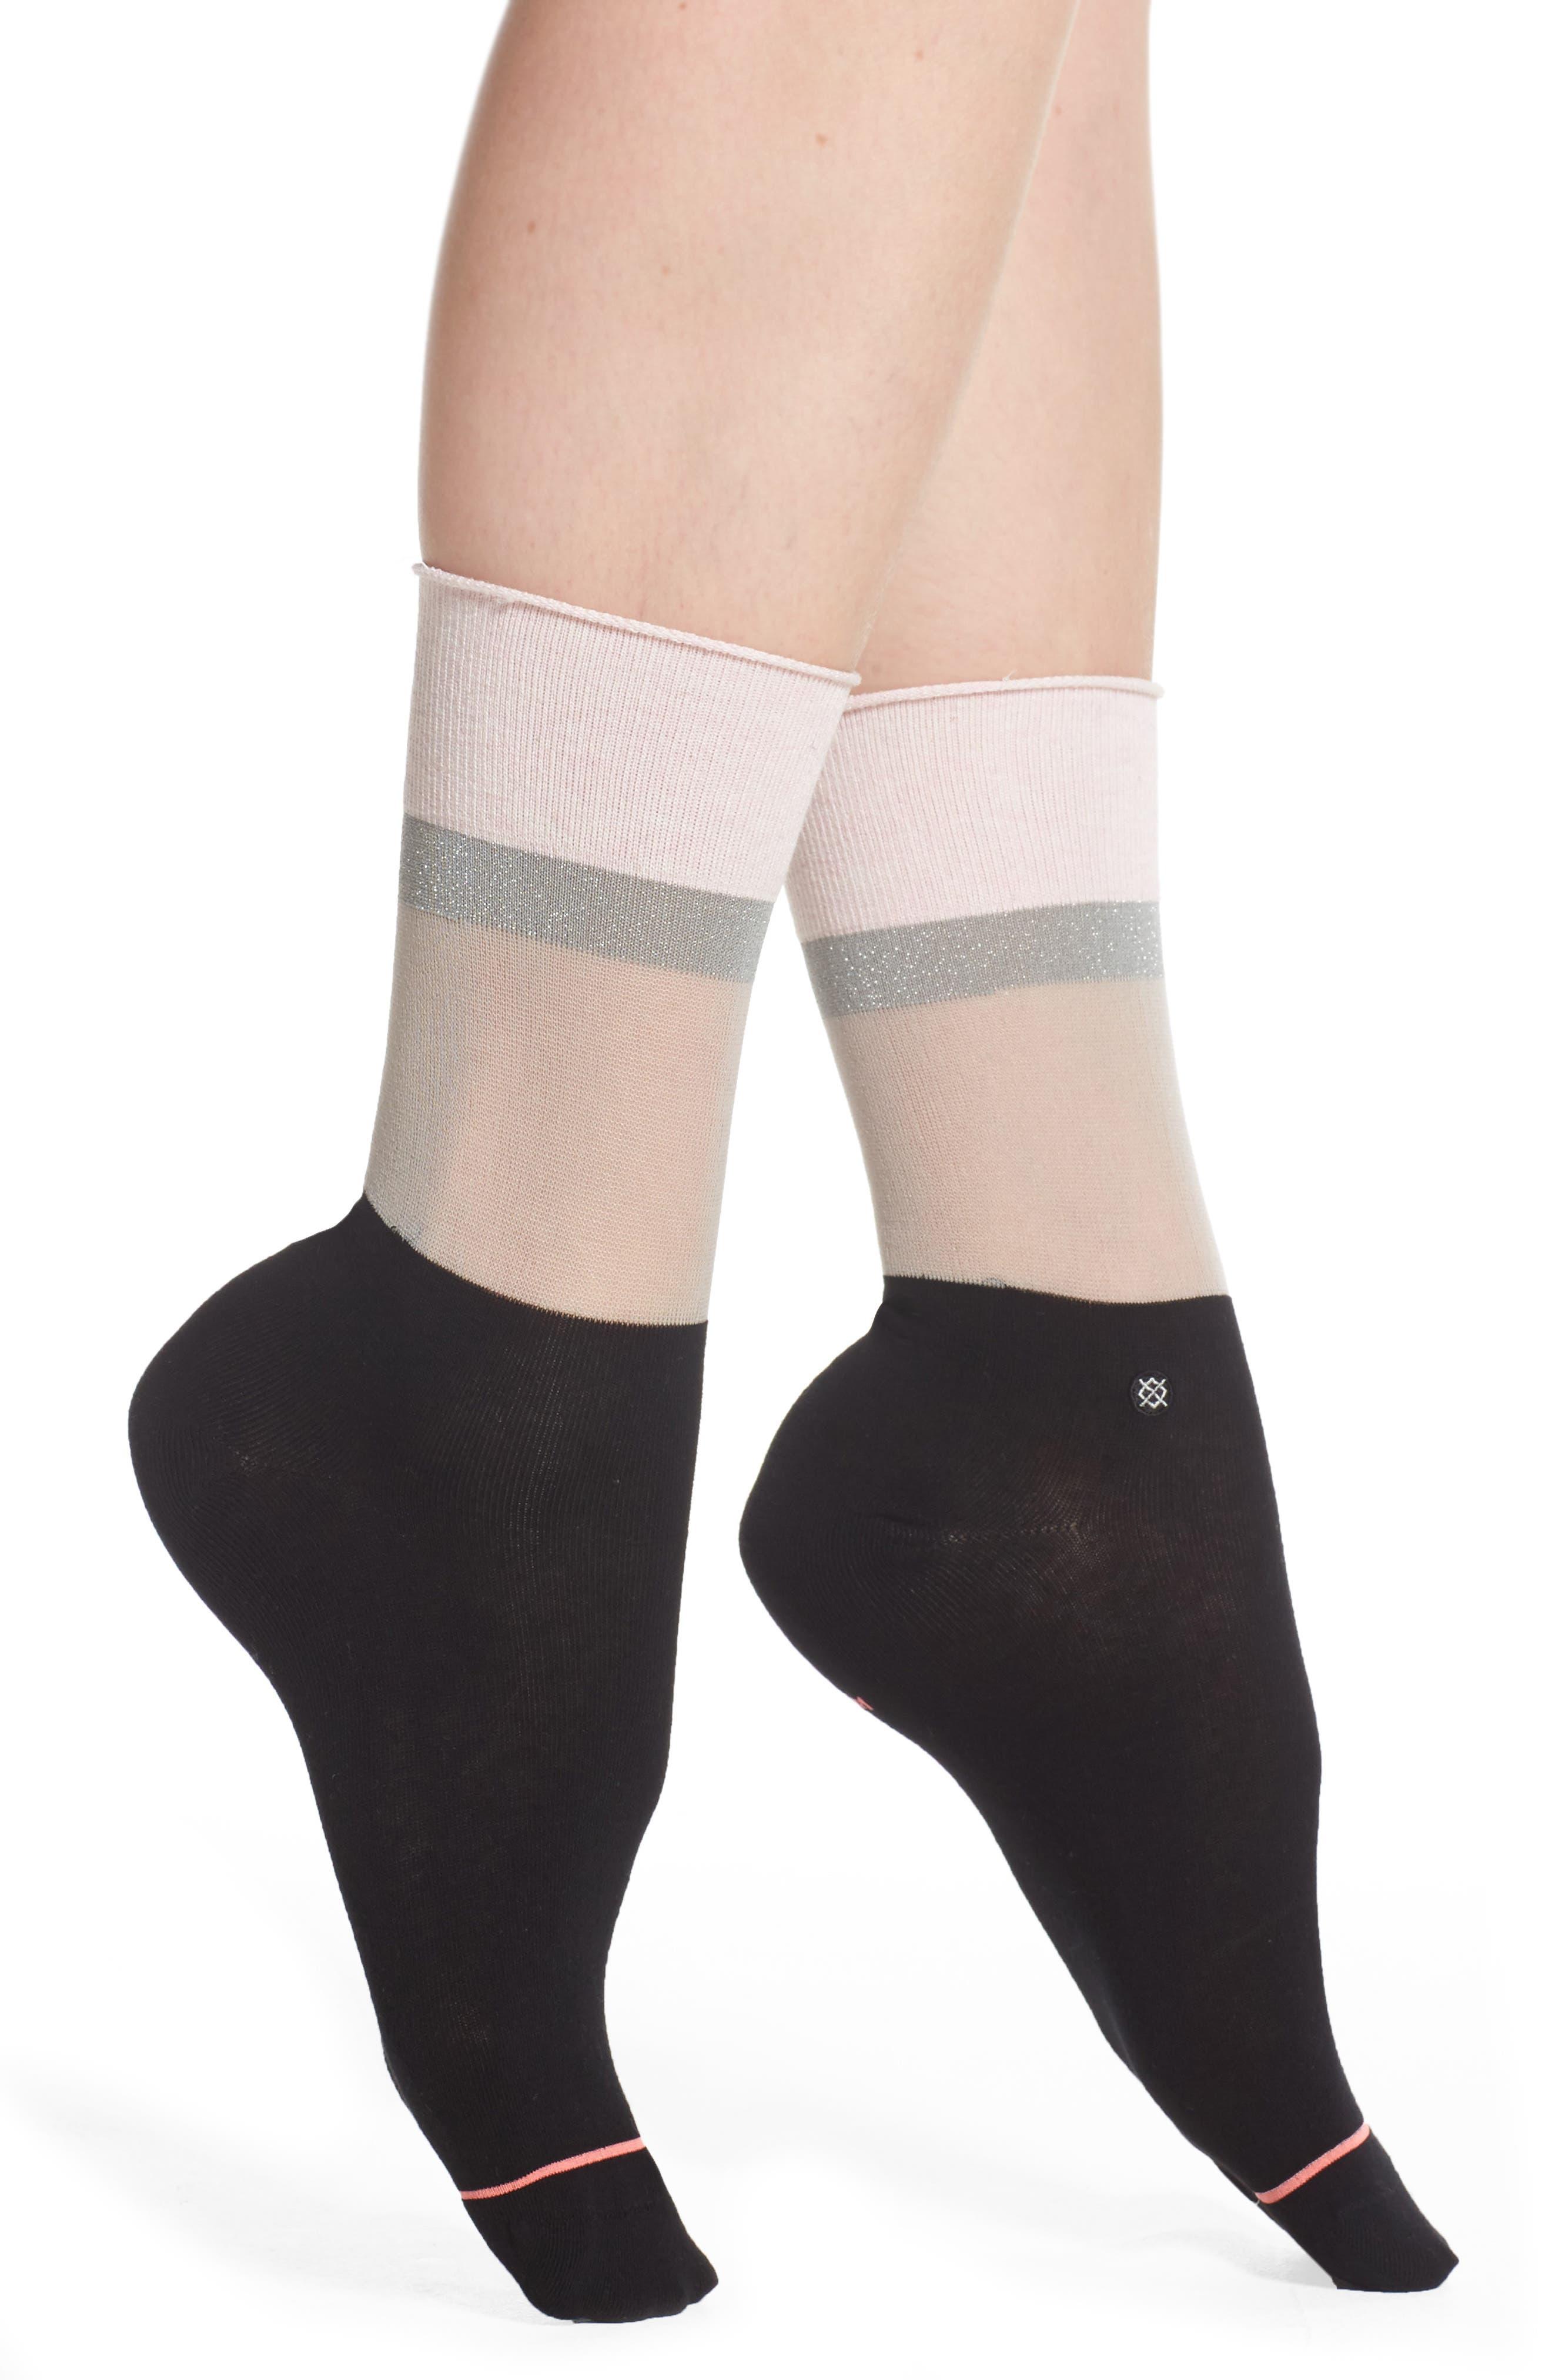 Cara Crew Socks,                         Main,                         color, Black